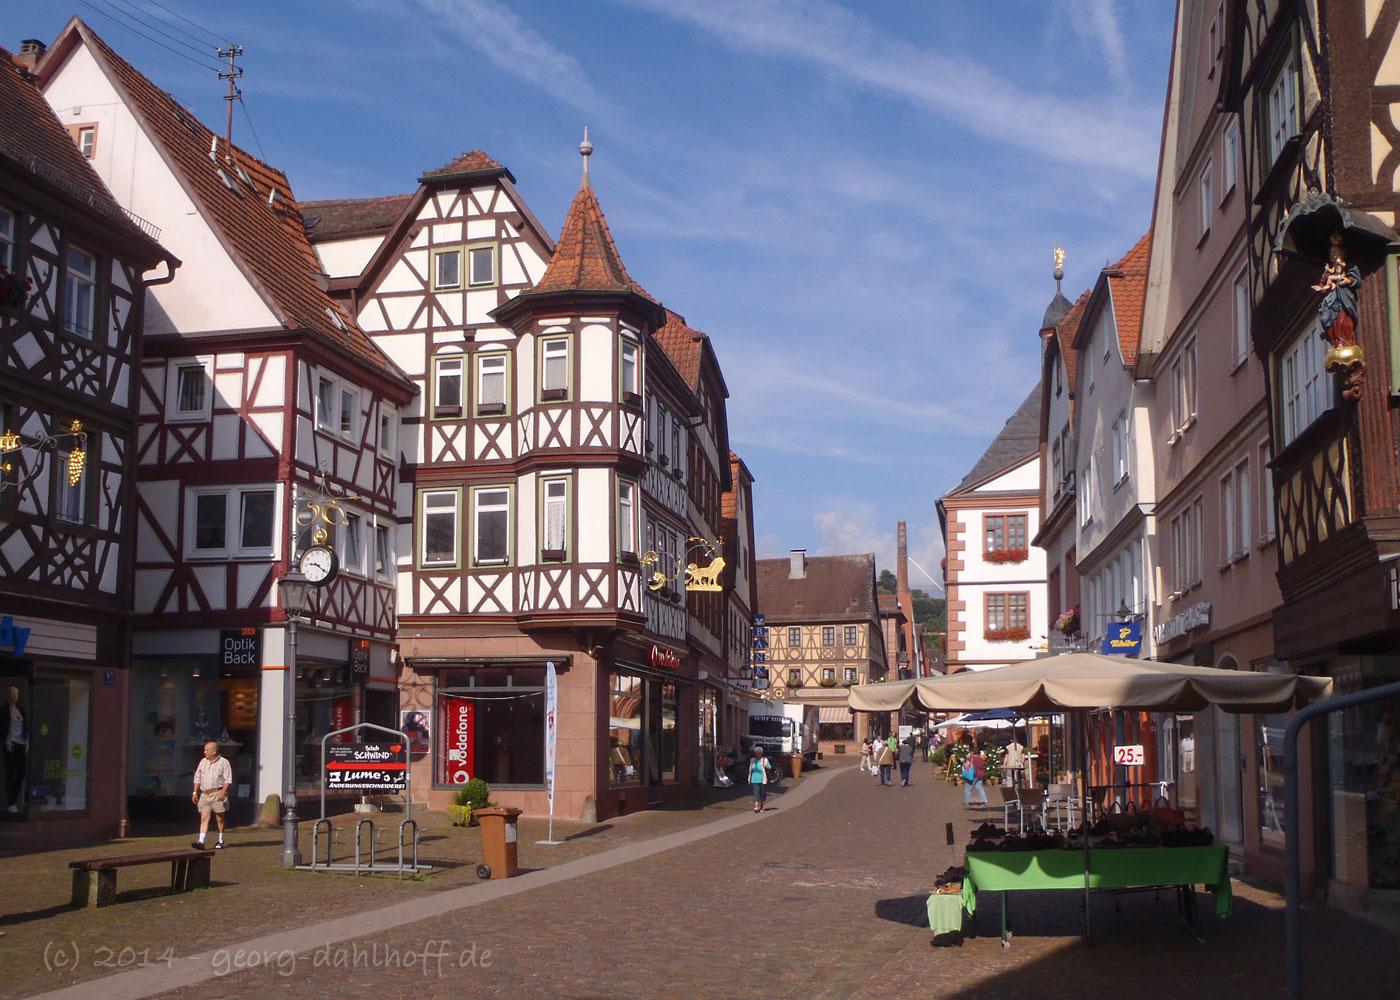 Schneewittchenstadt lohr georg dahlhoff fotografie for Heimbach lohr am main